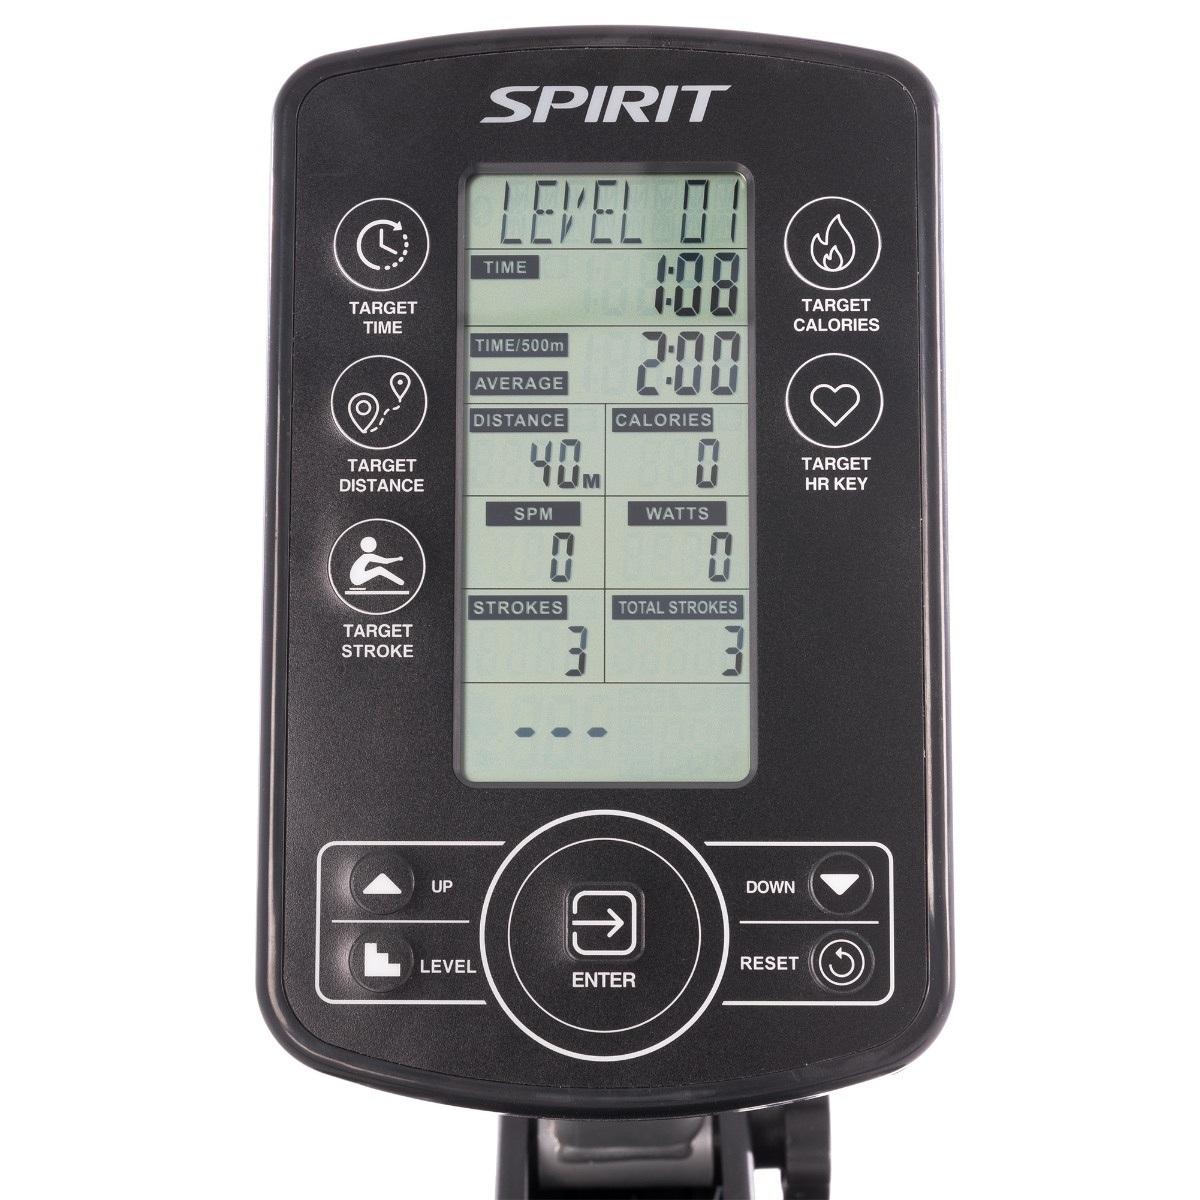 SpiritFitness CRW800H2O